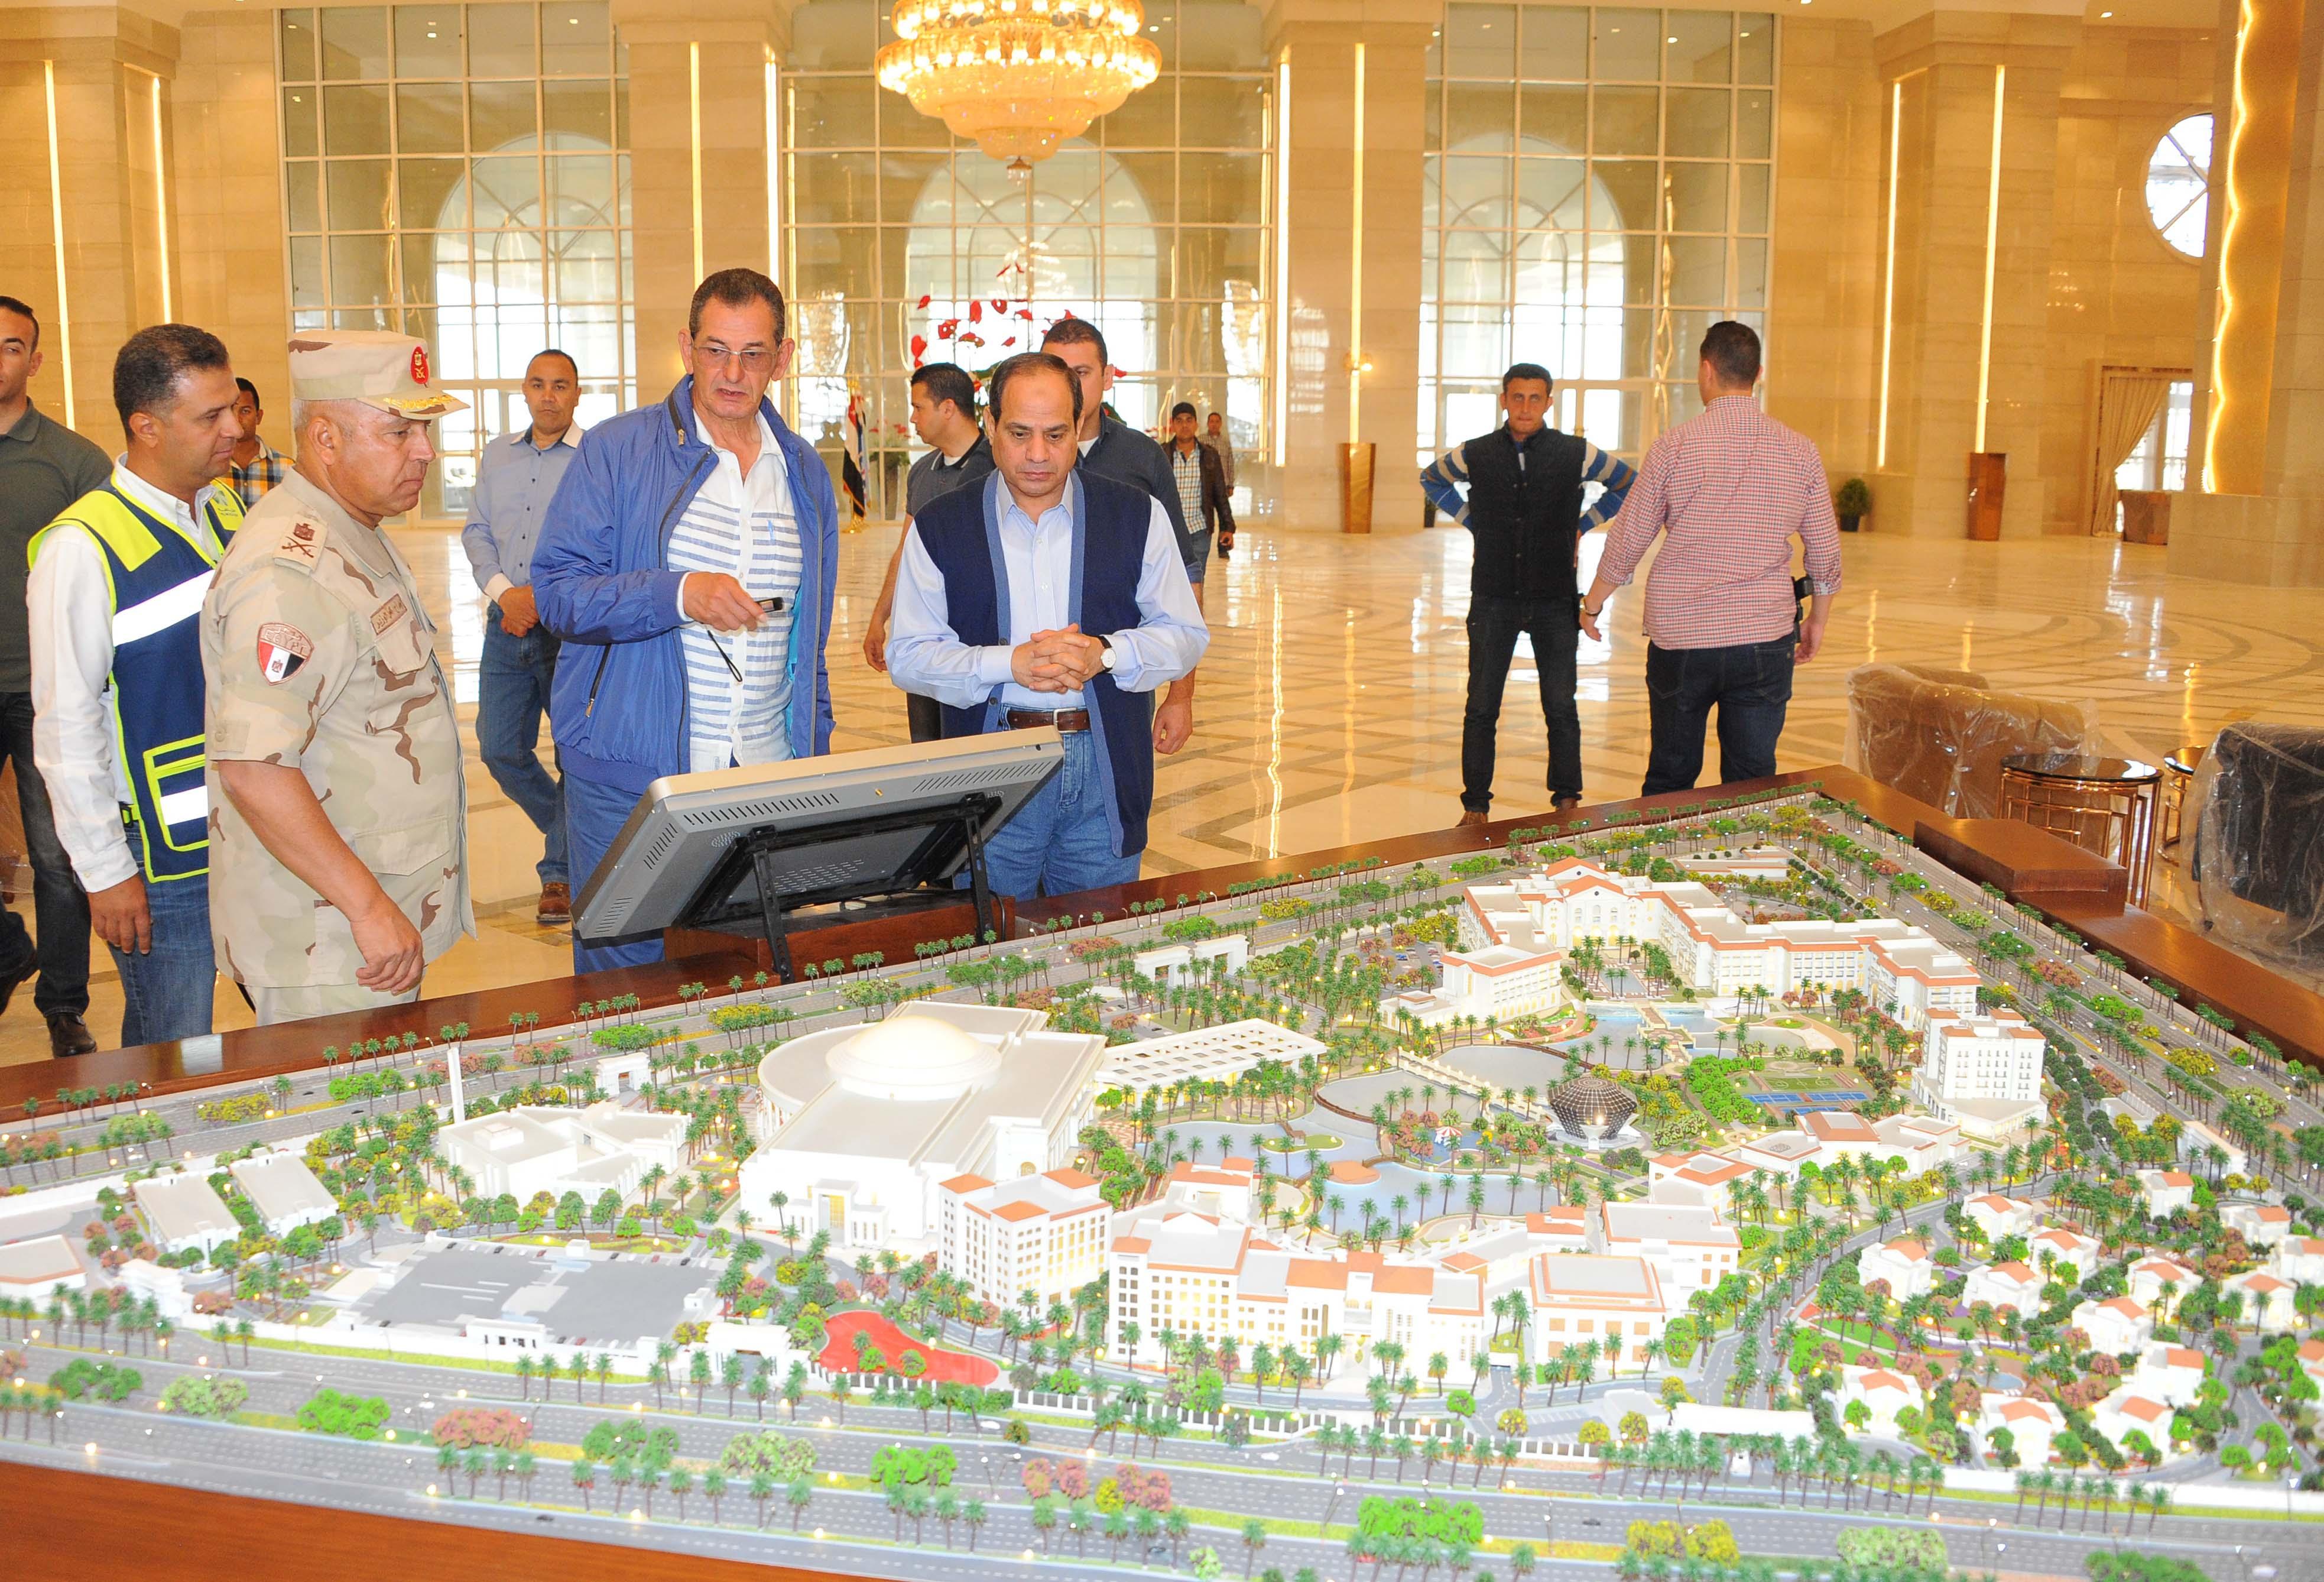 السيد الرئيس يقوم بجولة تفقدية لعدد من المشروعات الجاري تنفيذها بالعاصمة الإدارية الجديدة وجبل الجلالة 28-4-2017 (1)